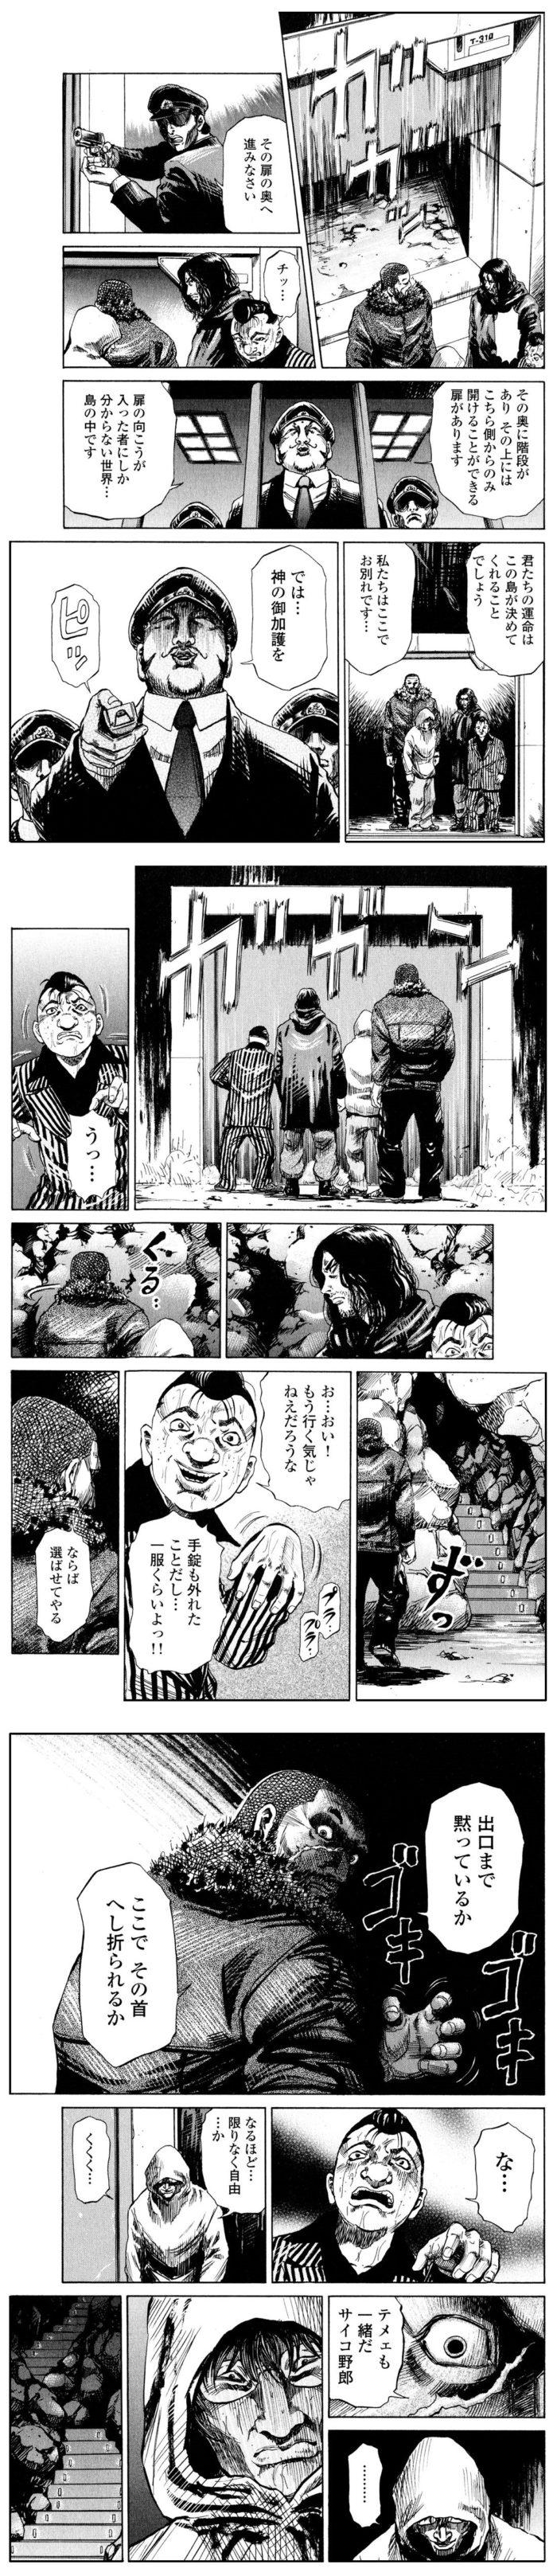 tengoku-01-06